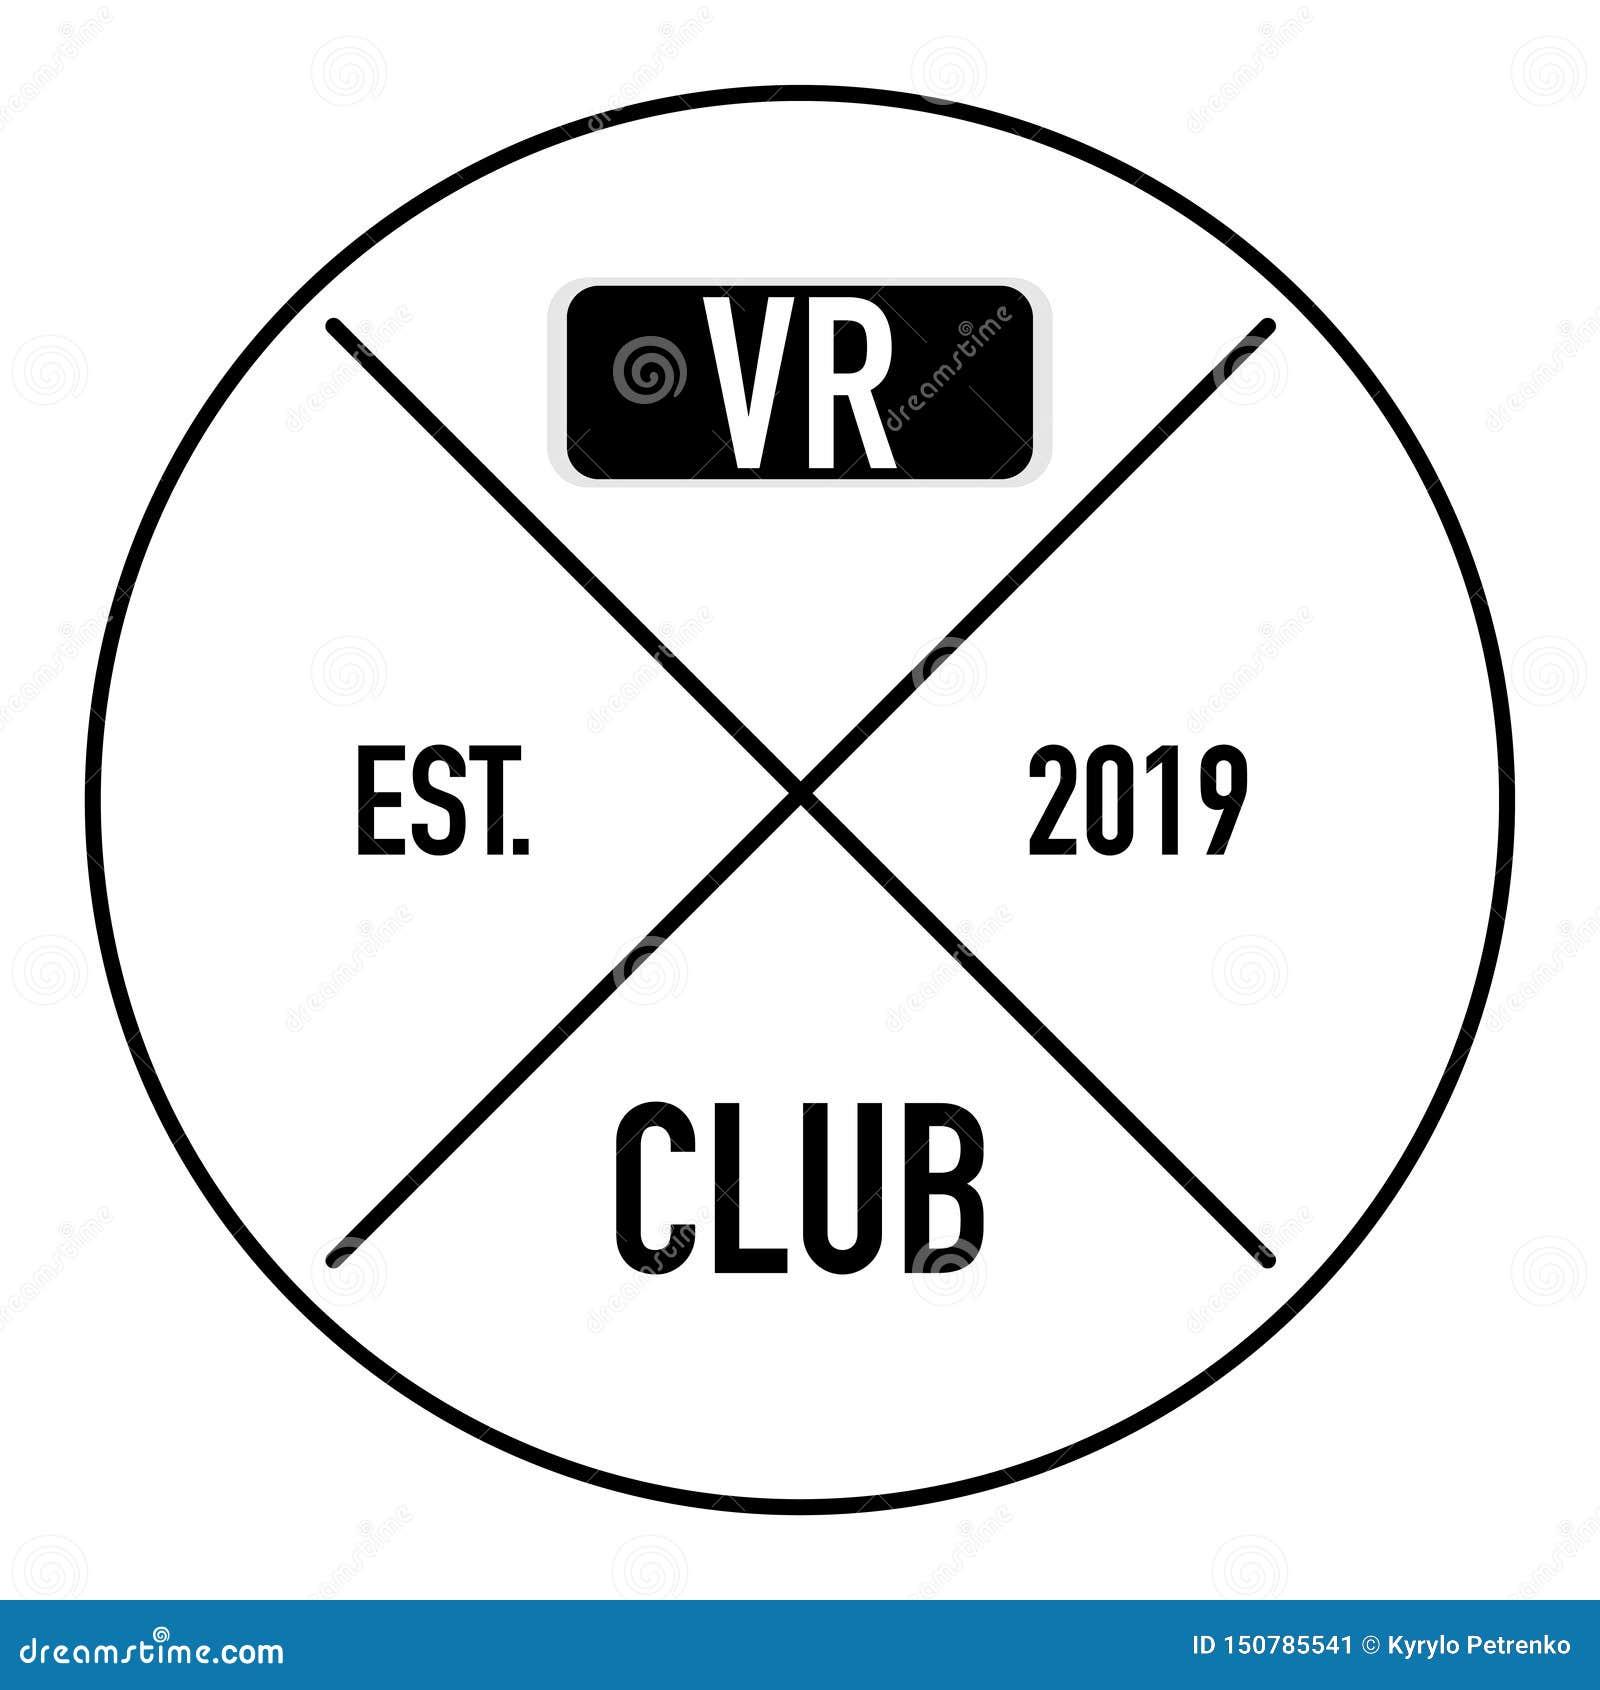 Virtual reality club logo on white background